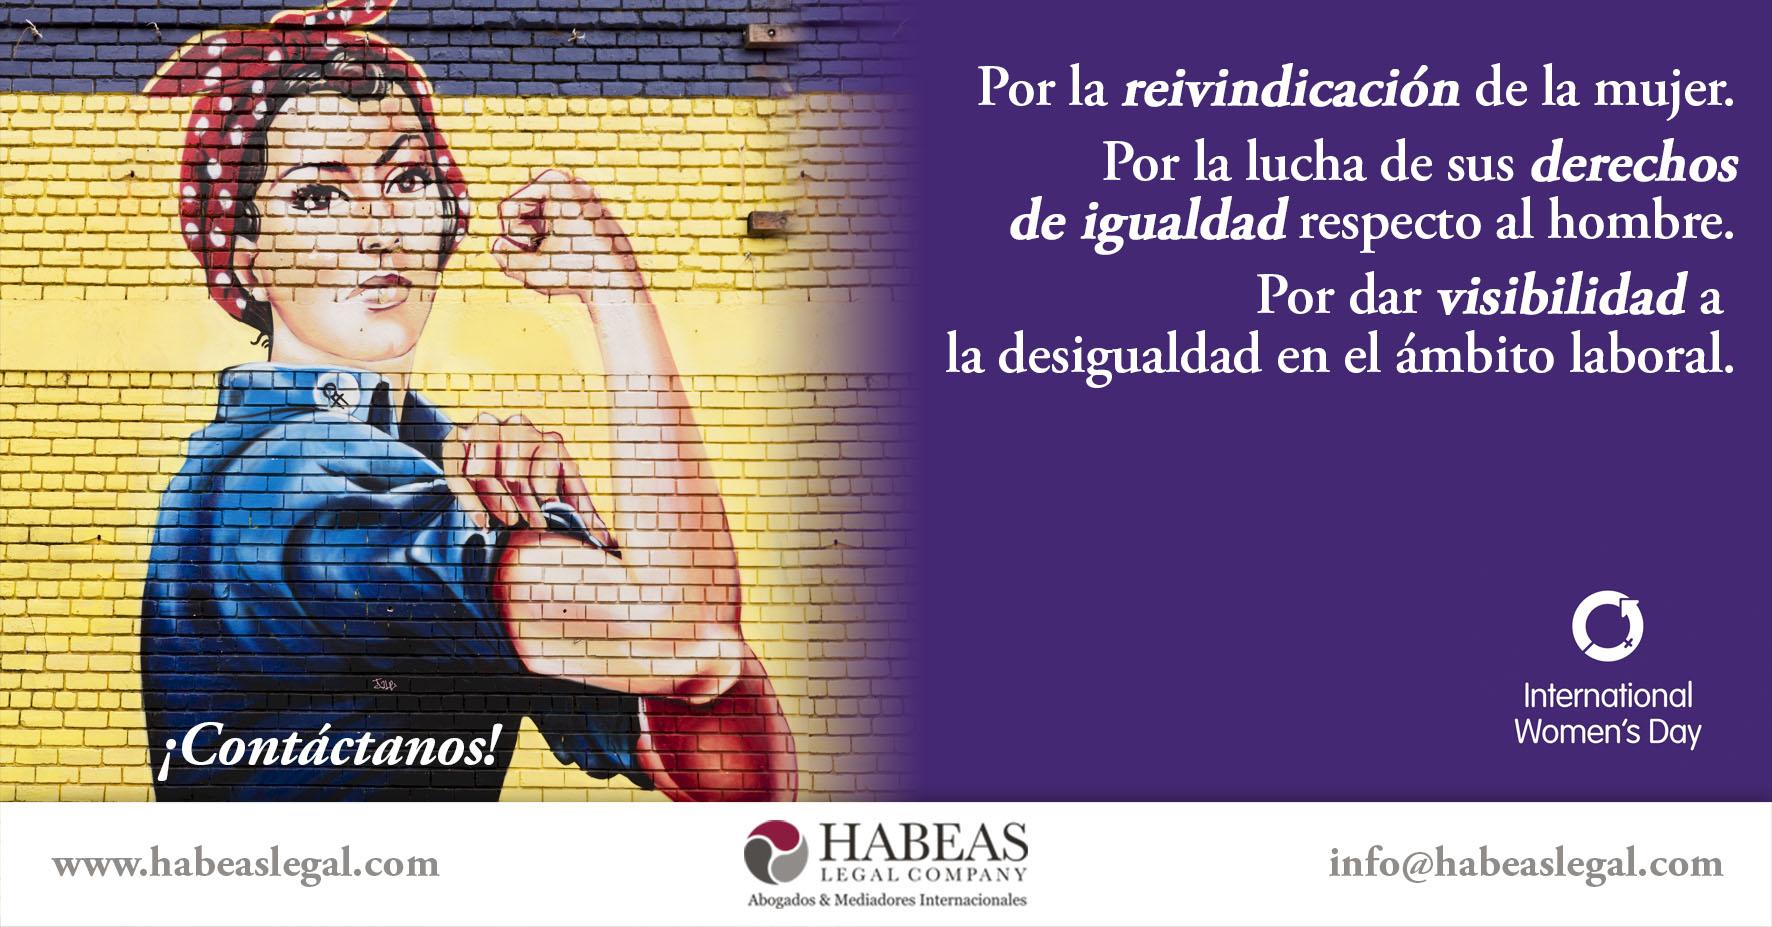 Dia de la mujer Habeas Legal - ¿Por qué hay que participar en la huelga por los derechos de la mujer del 8 de marzo?